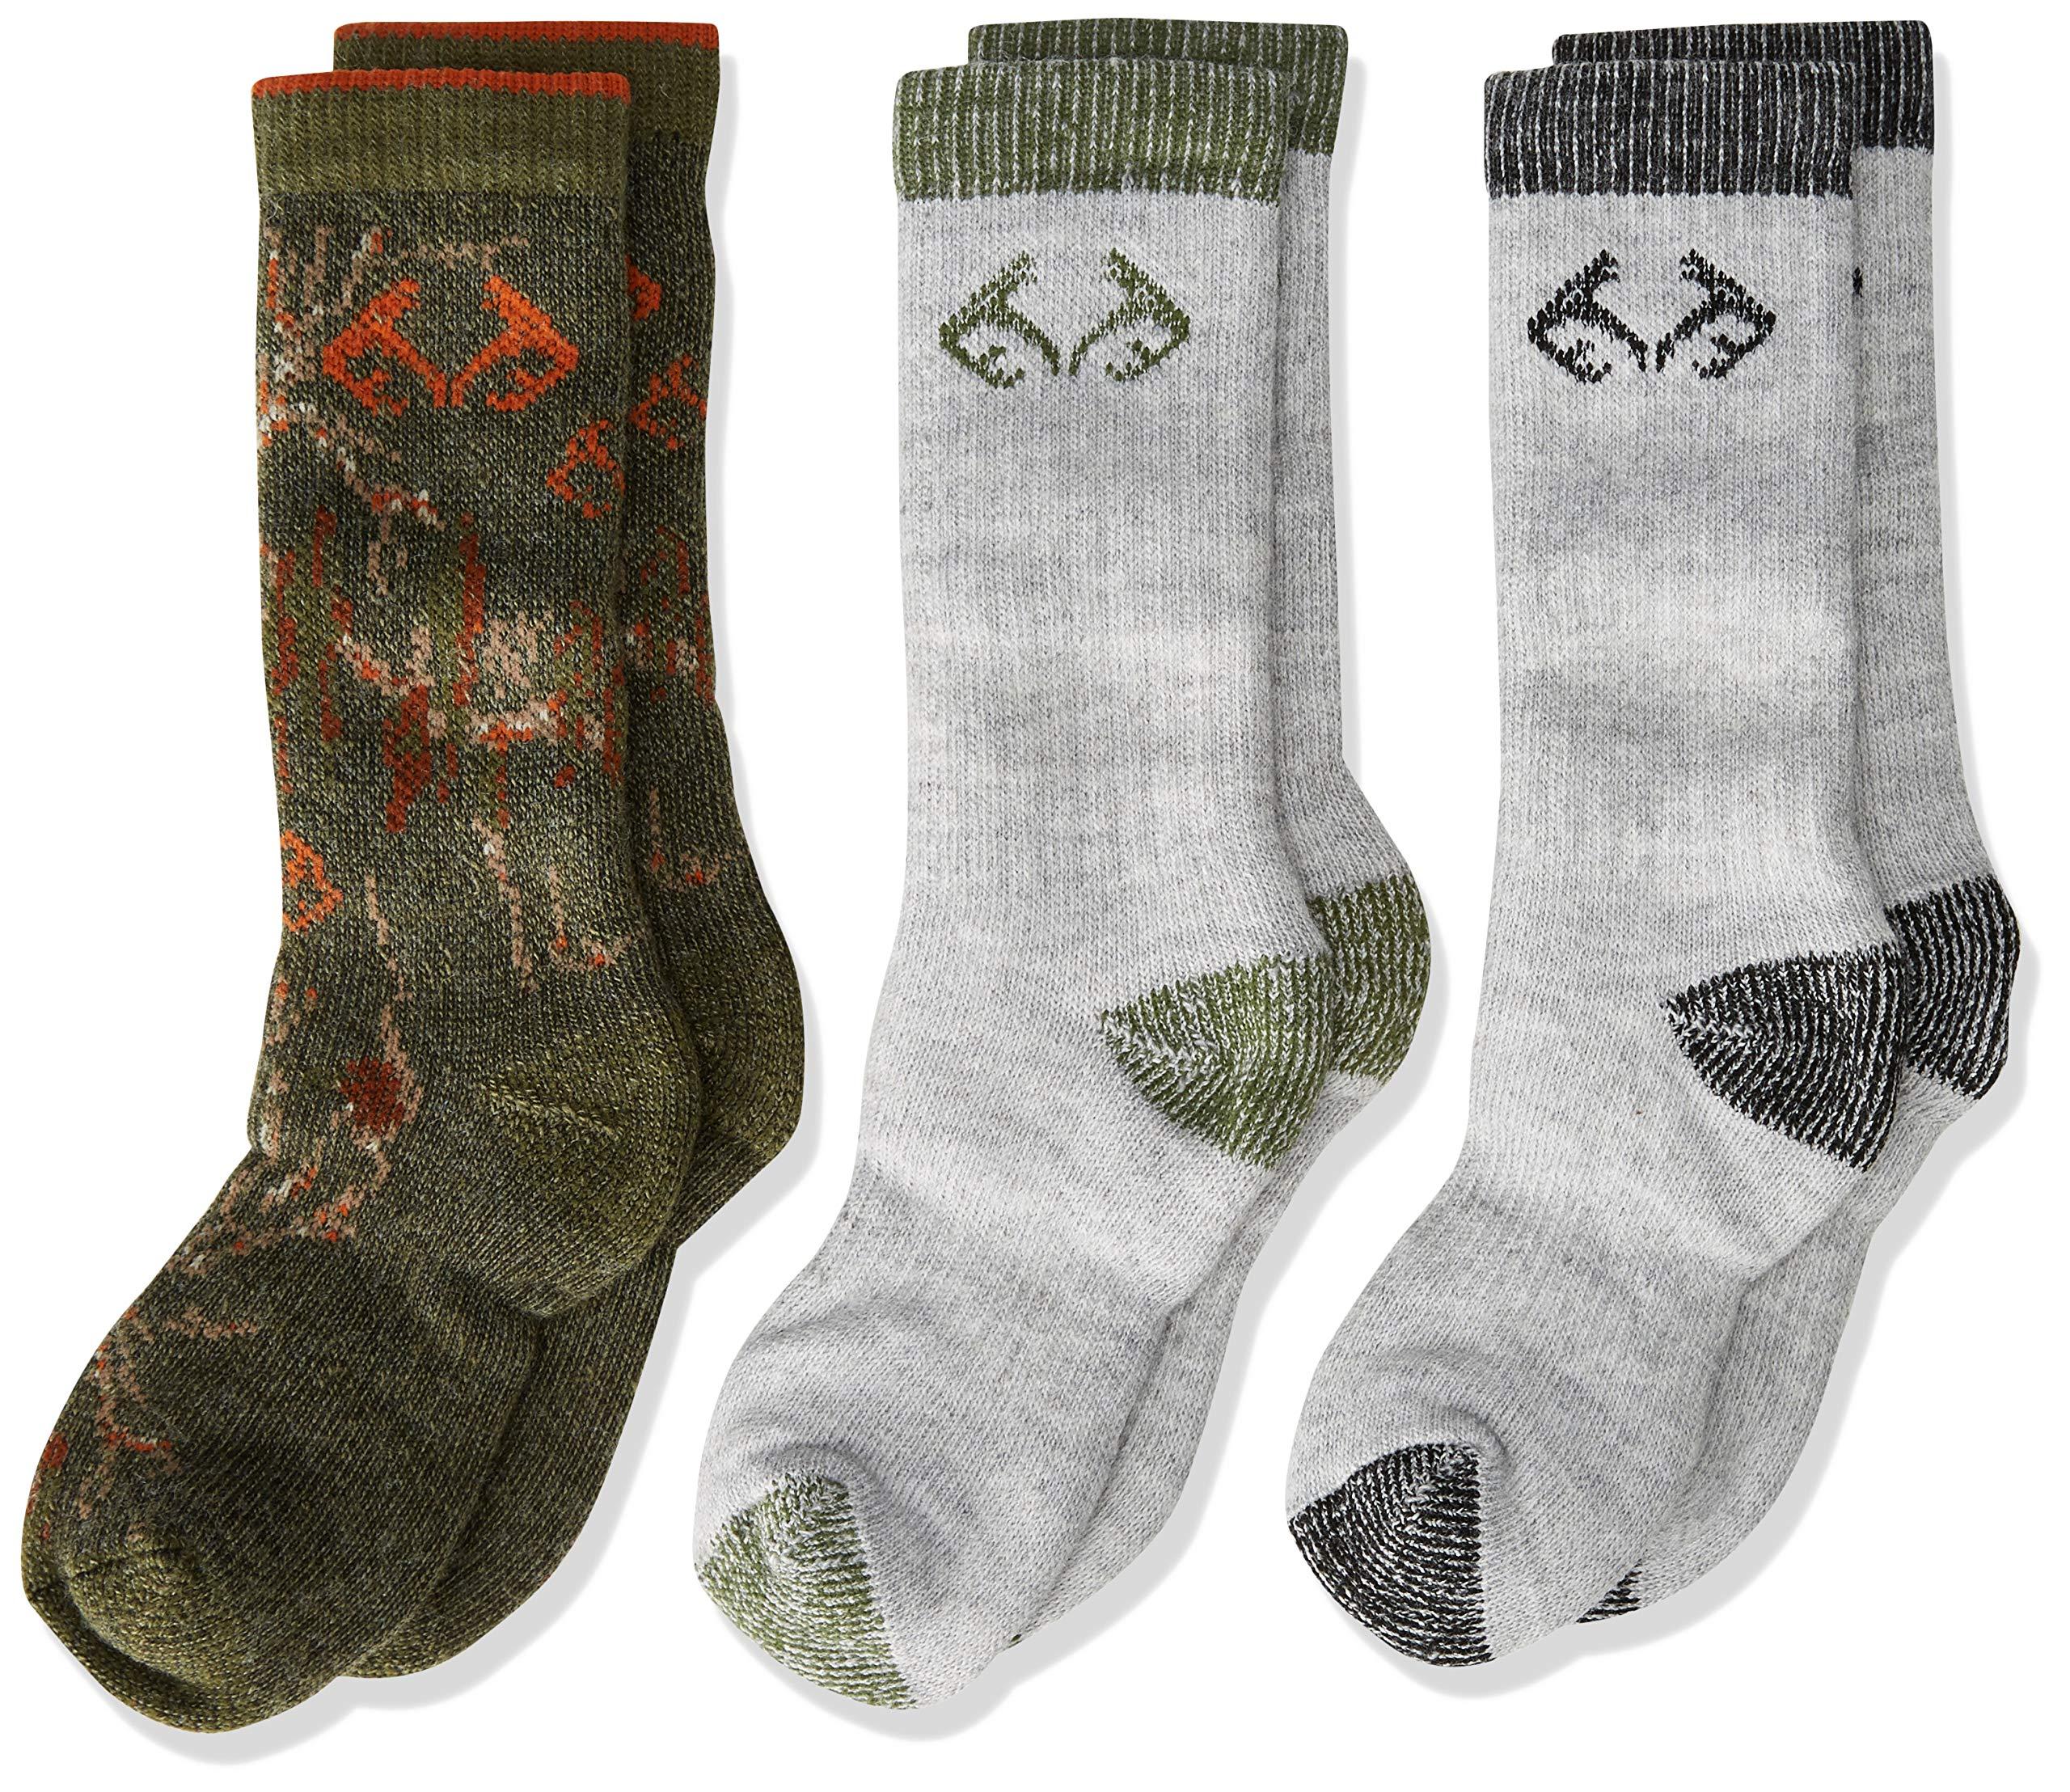 Realtree Boy's Mid Calf Socks Gift Box (3-Pair Pack) by Realtree